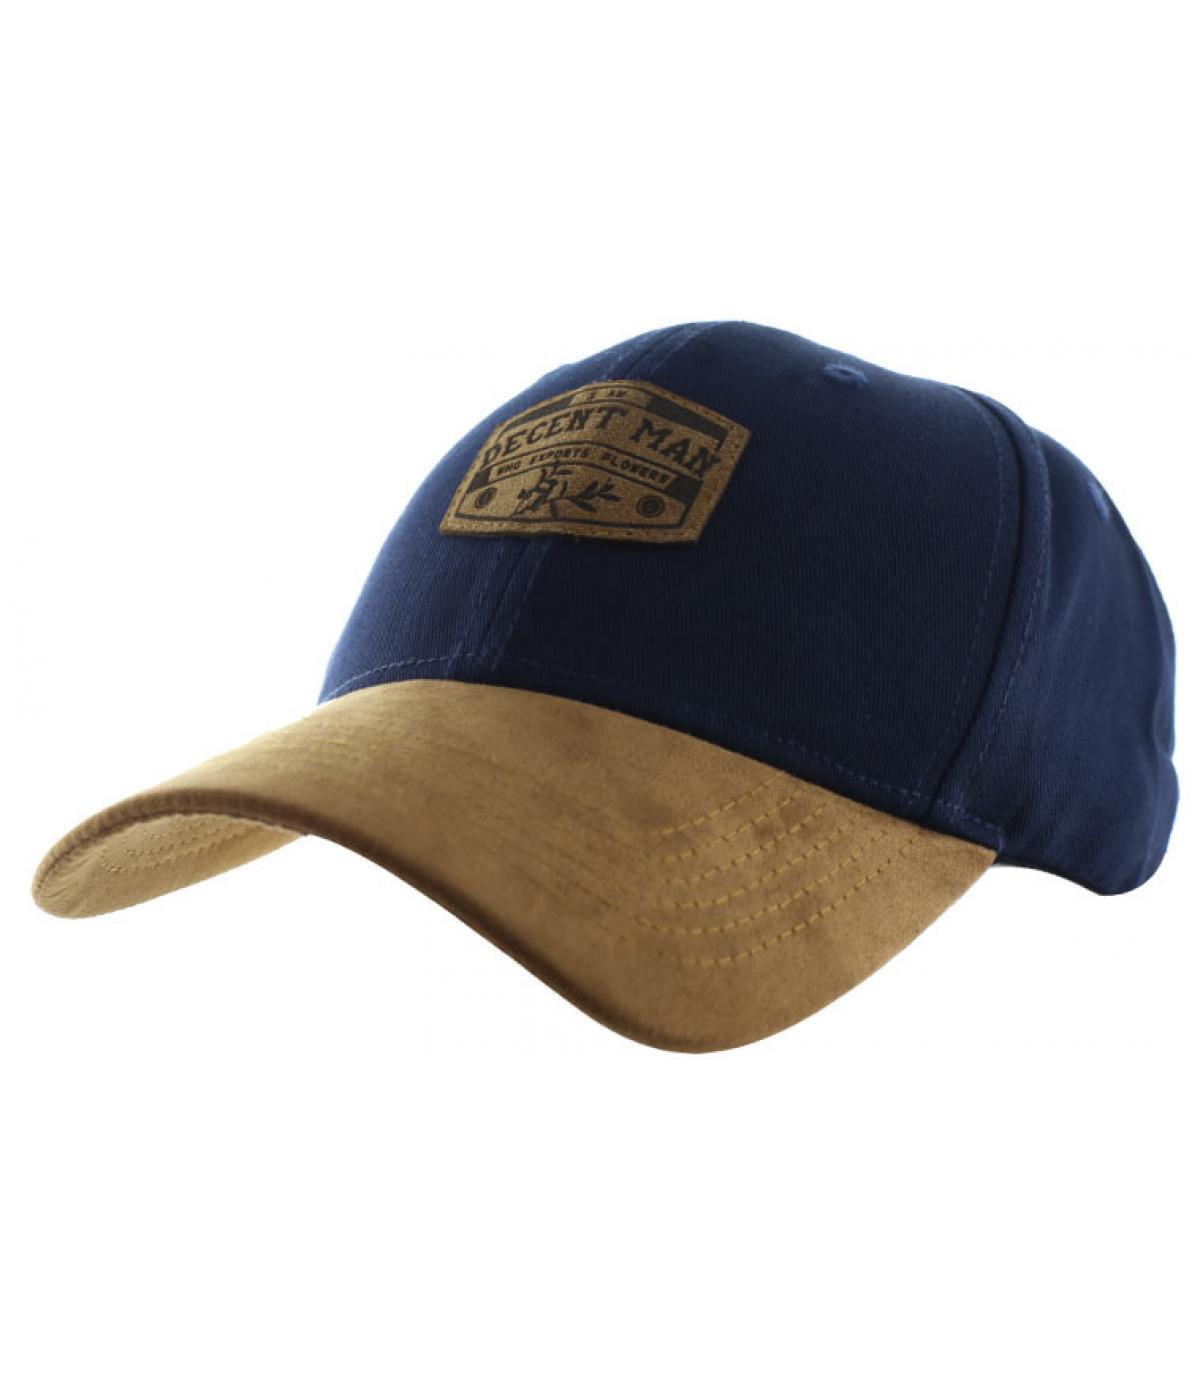 casquette decent man bleu